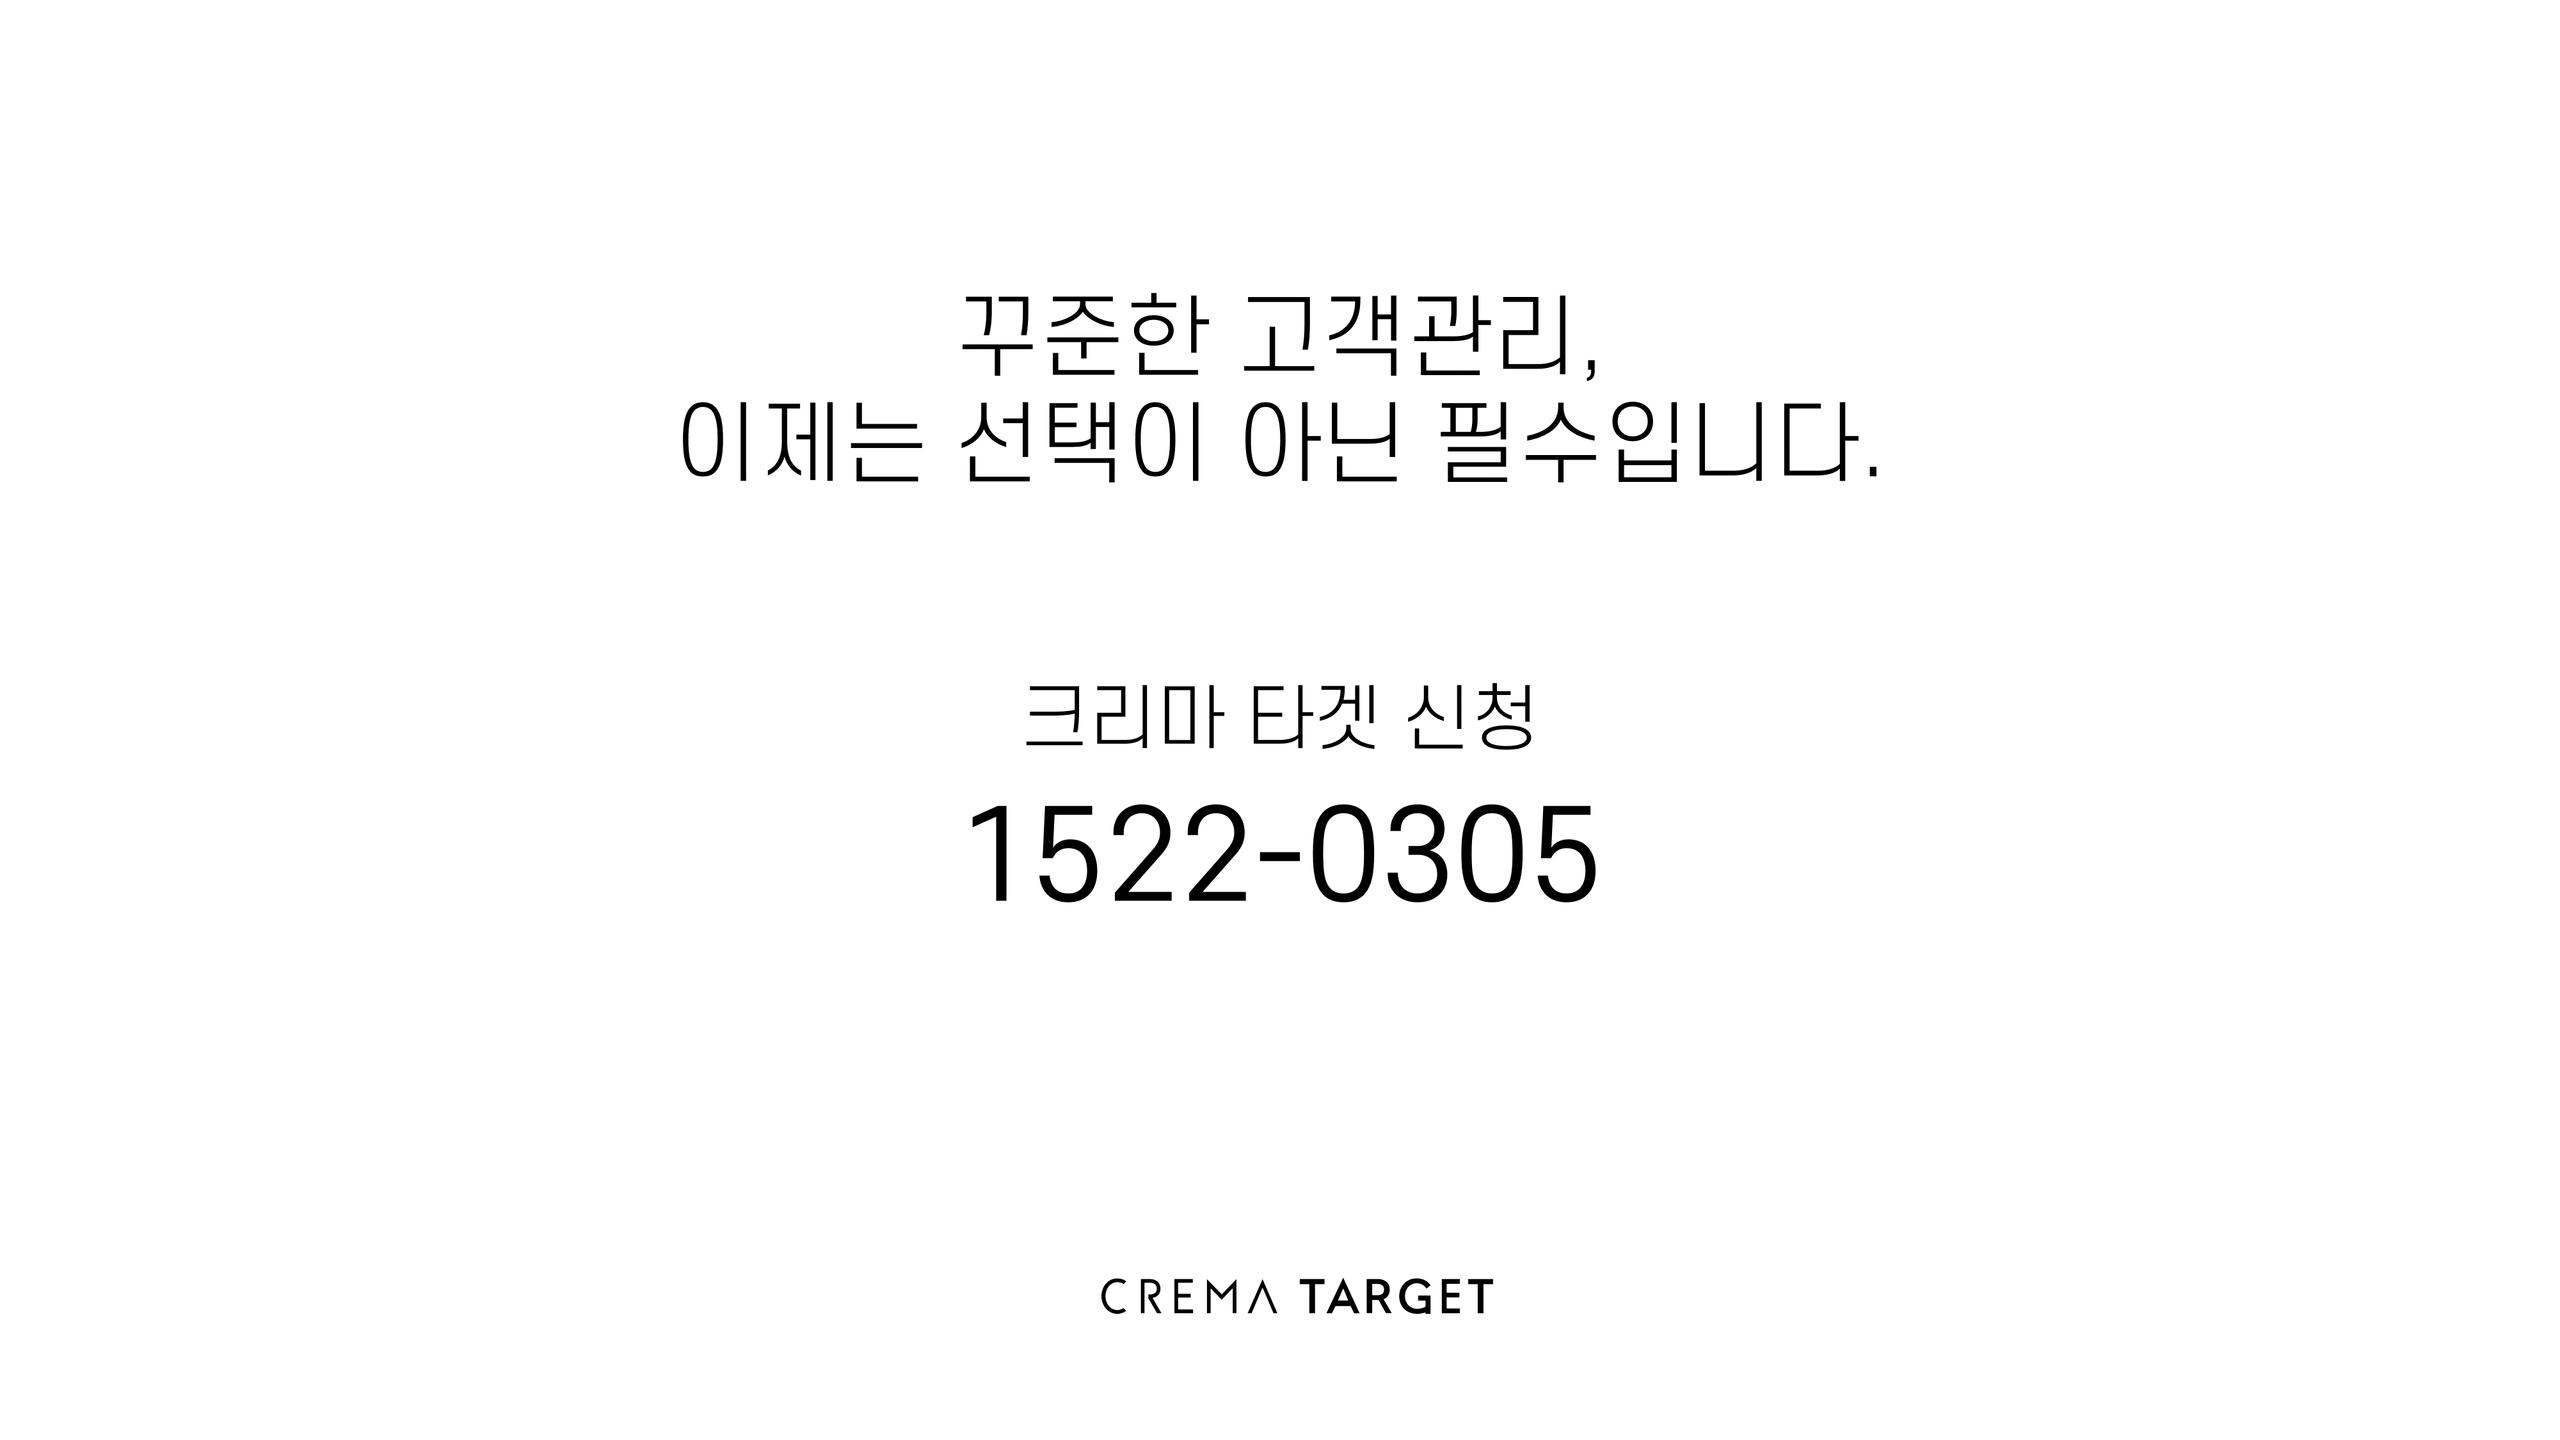 [CREMA] 크리마 타겟 서비스 소개서-28